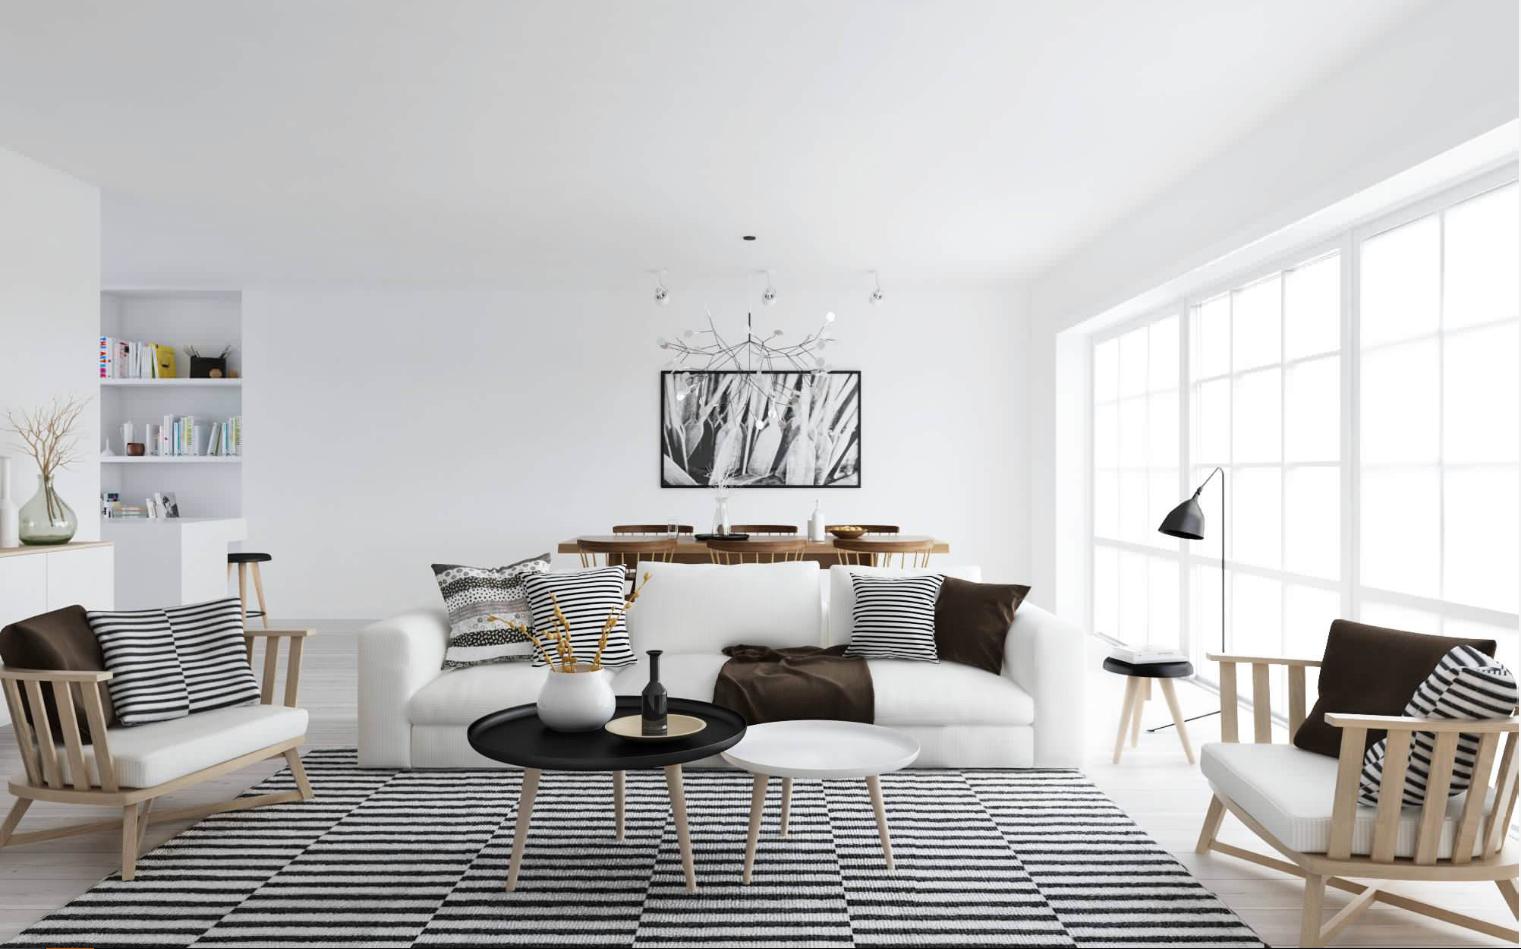 Ideas de decoración: Organiza tu salón para tener invitados sin